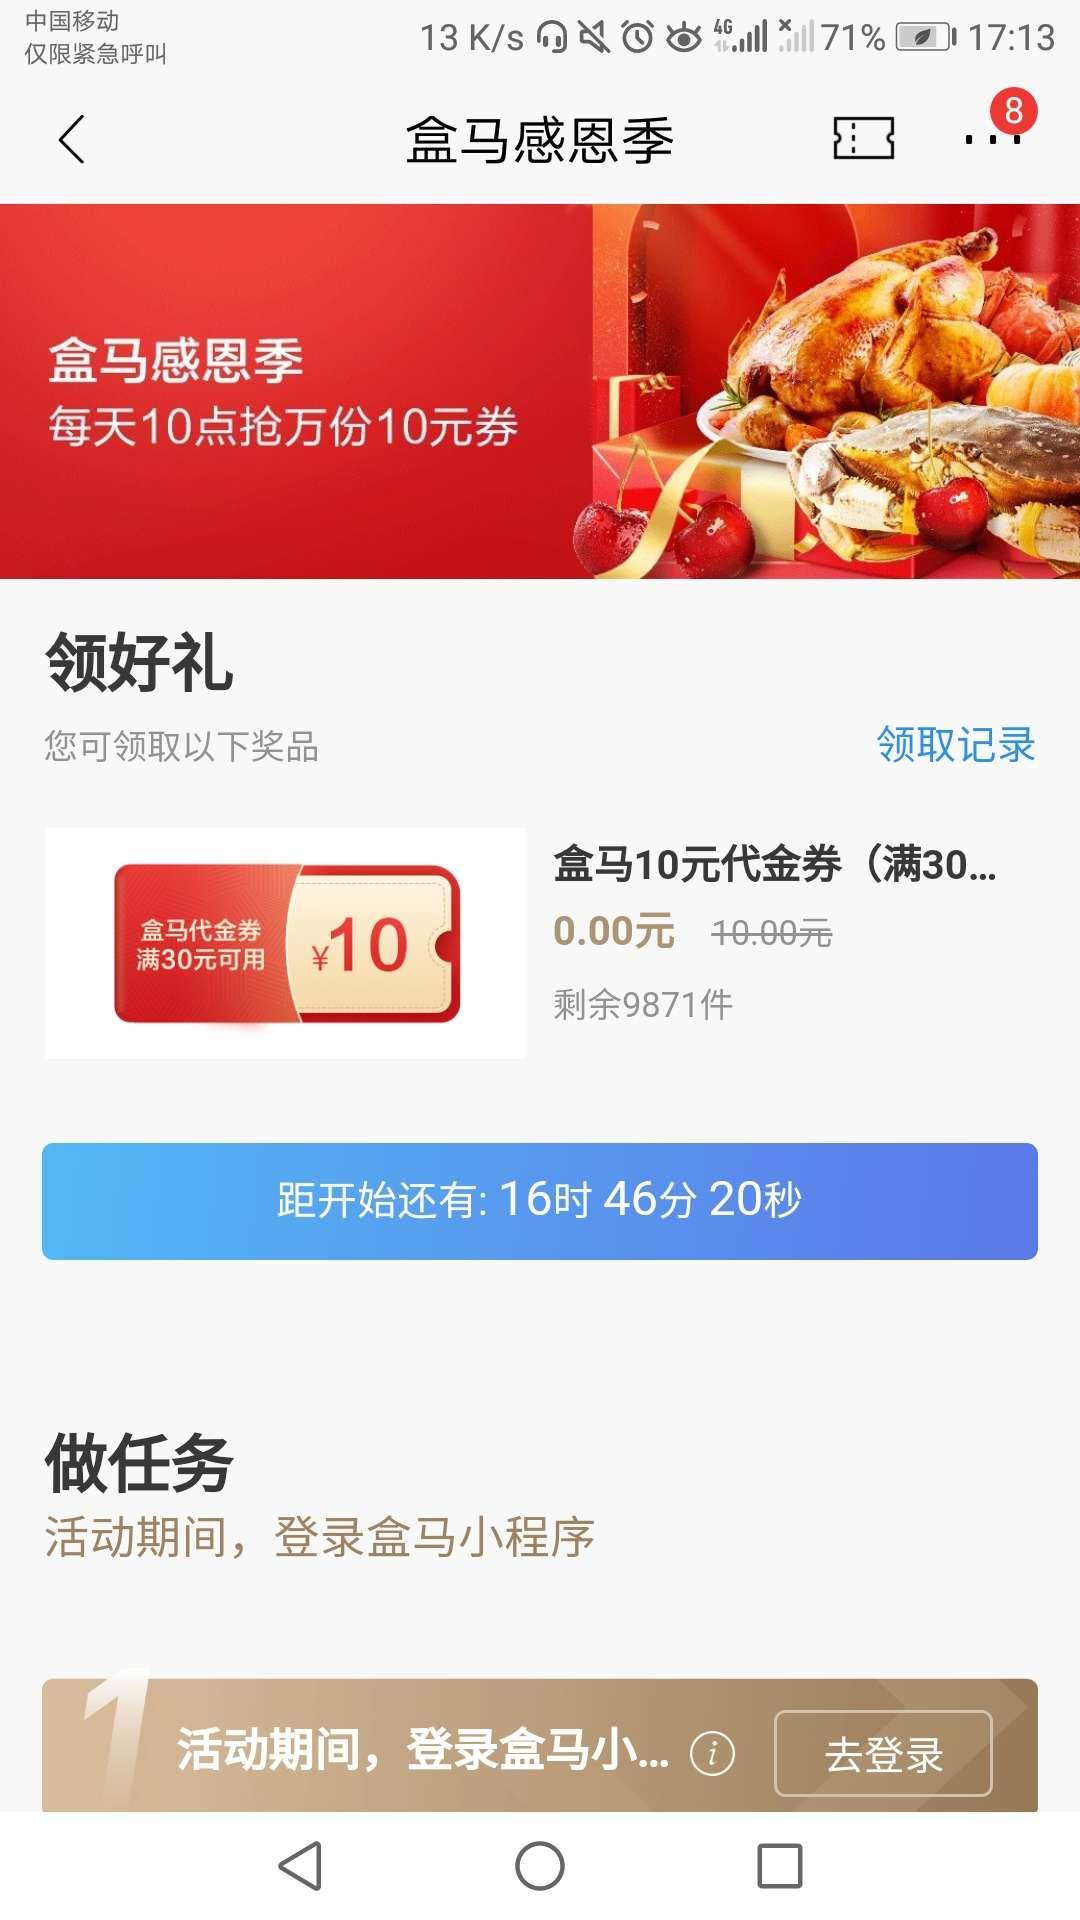 【虚拟物品】招商银行领取10元盒马优惠券